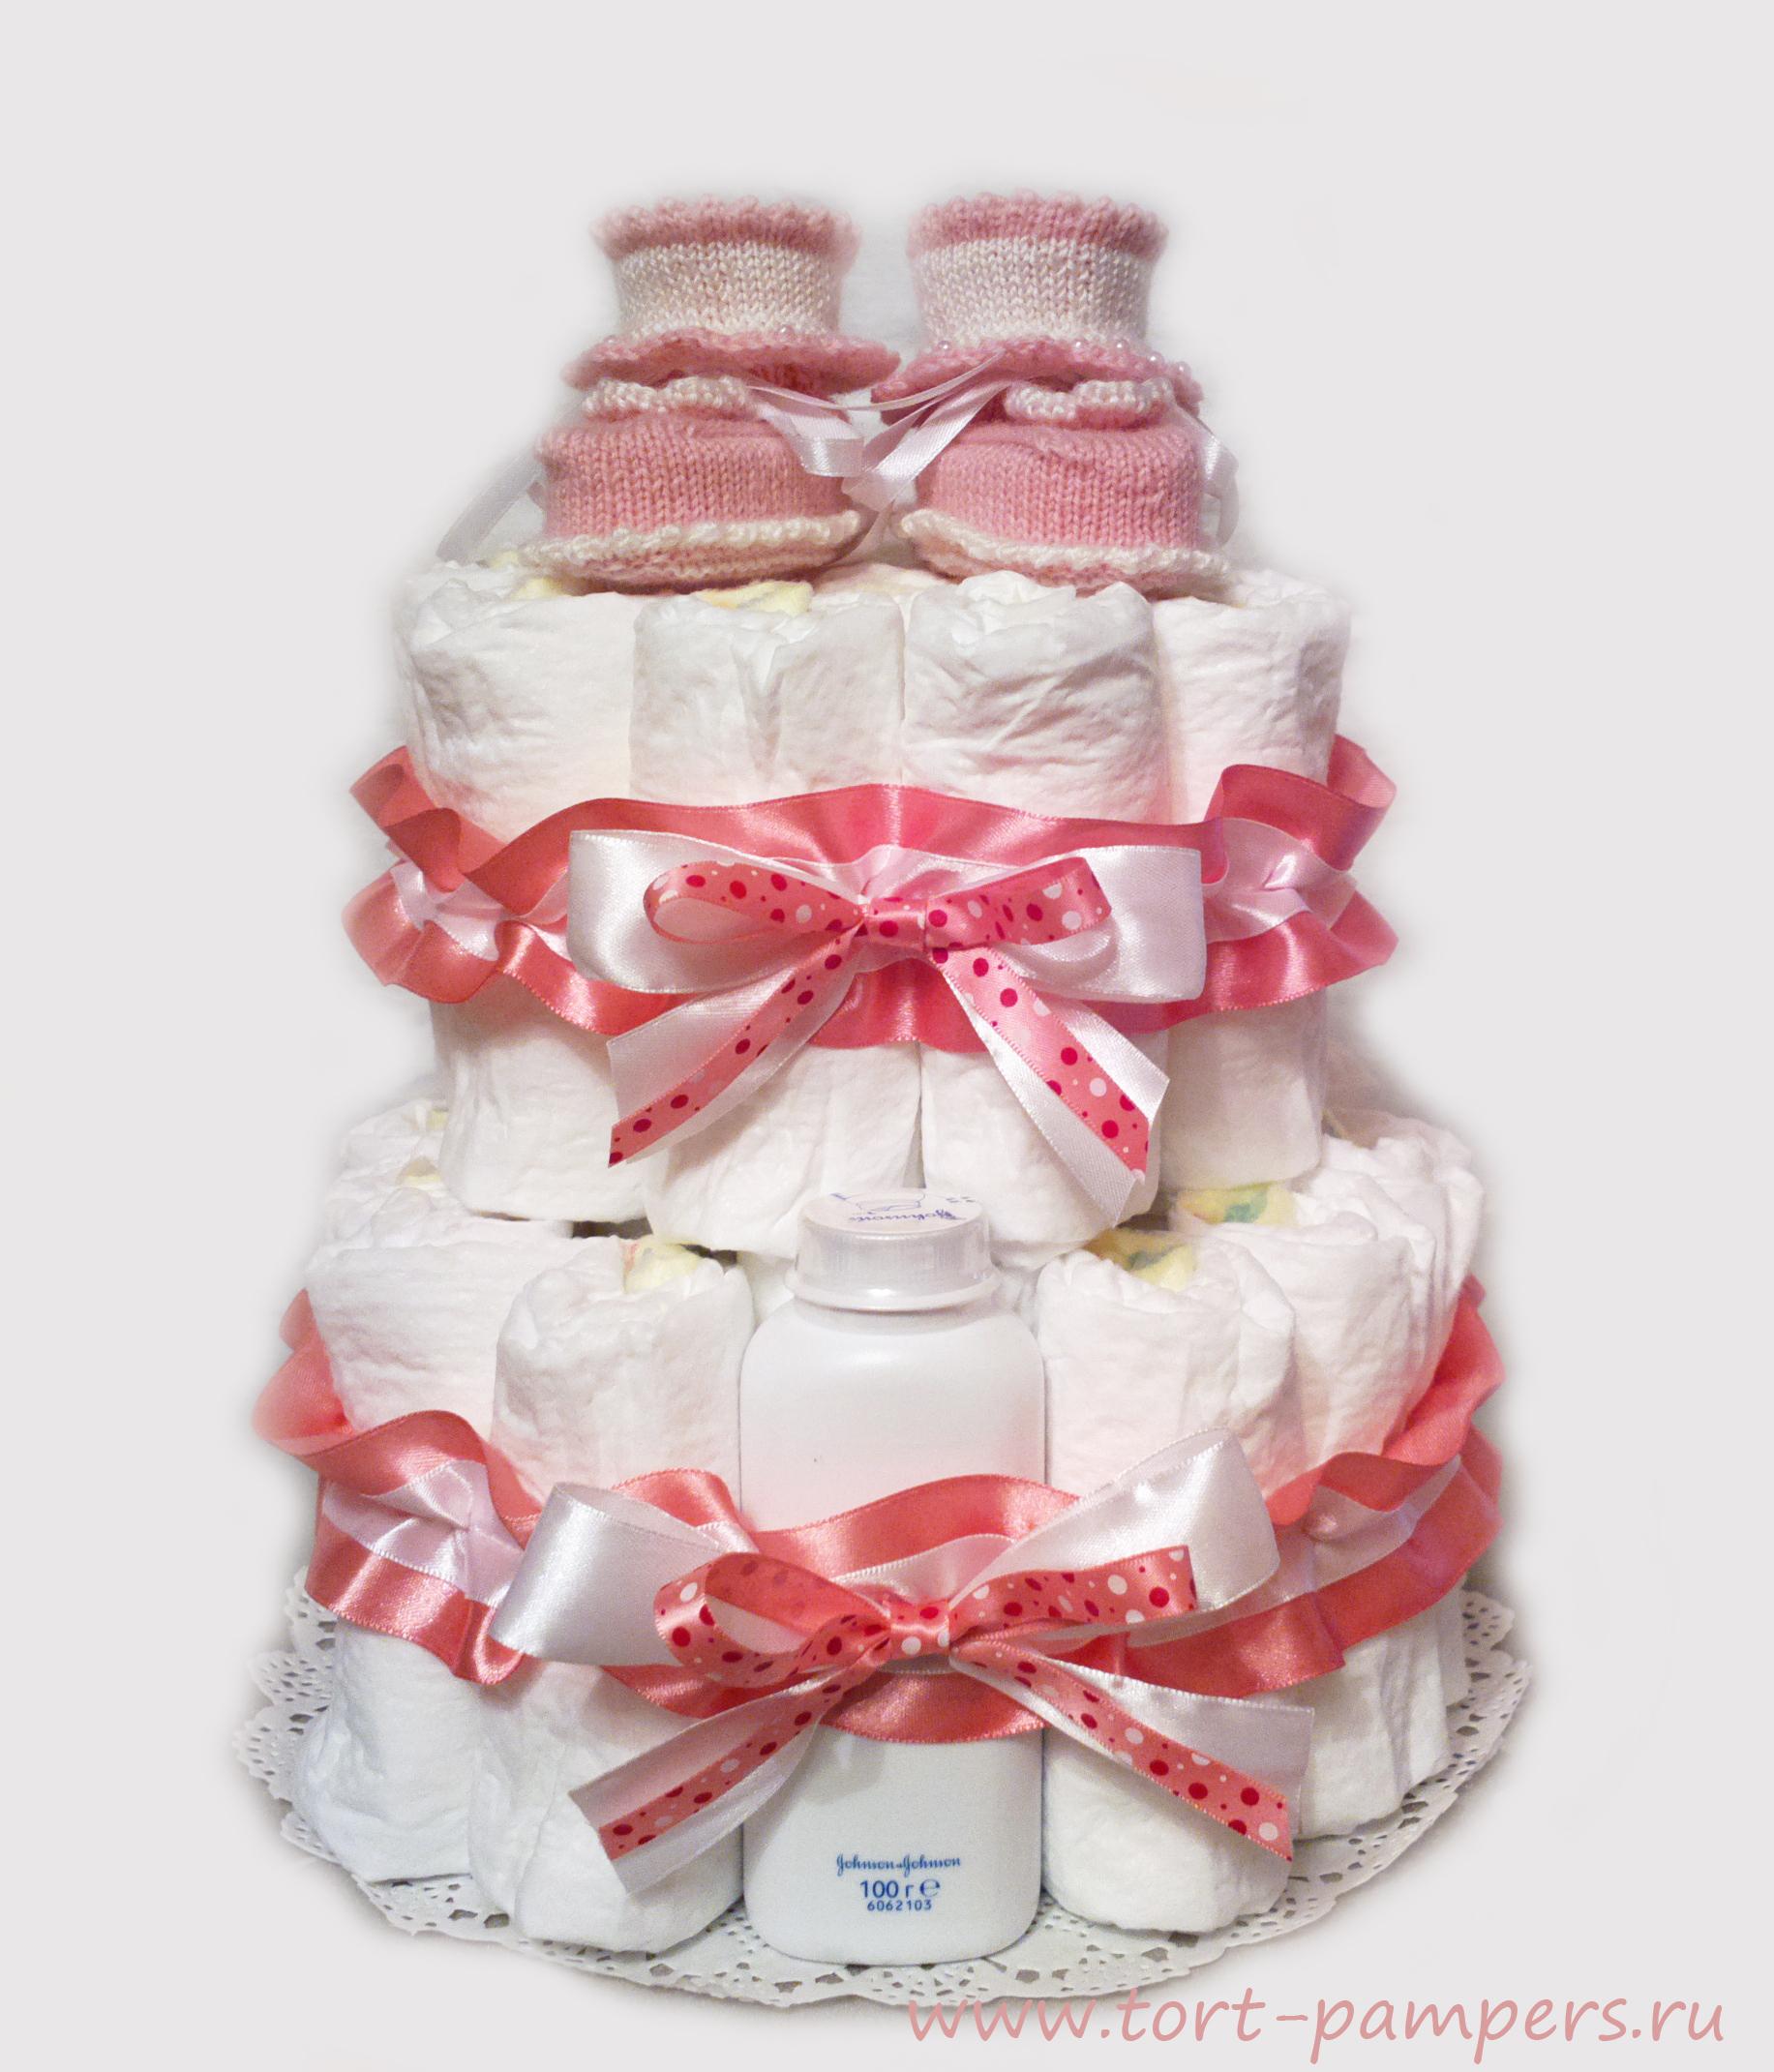 Подарок на выписку из роддома своими руками из памперсов